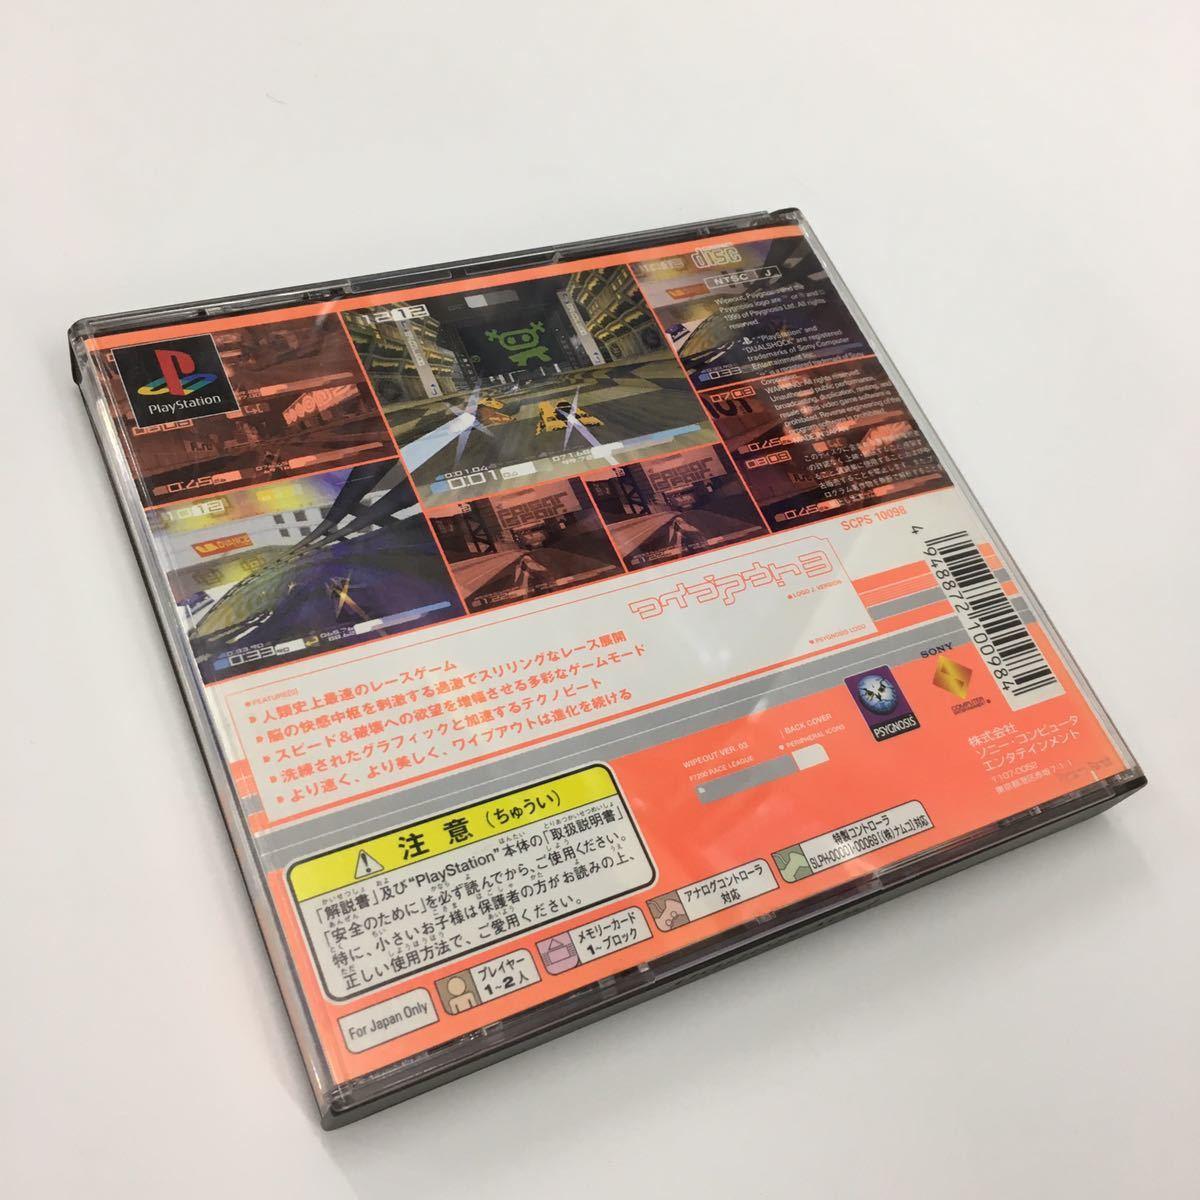 ☆中古動作品 wipeout3 ワイプアウト3 PlayStation プレイステーションソフト 説明書 帯付き